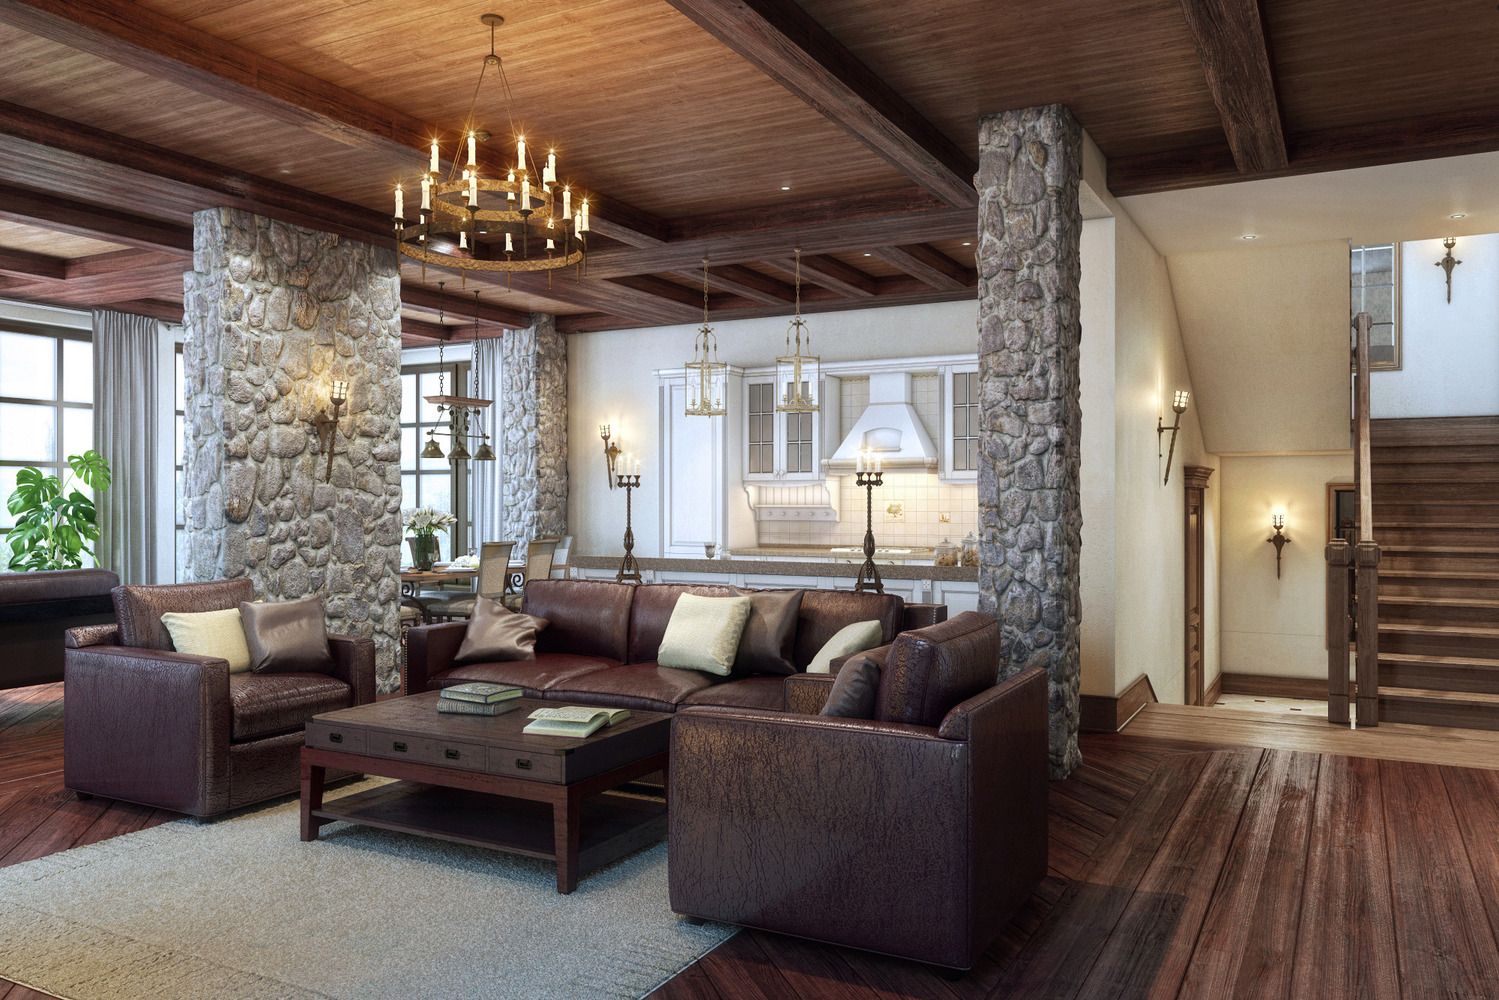 Особенности стиля кантри в интерьере комнат - уникальные фото идеи оформления деревенского стиля